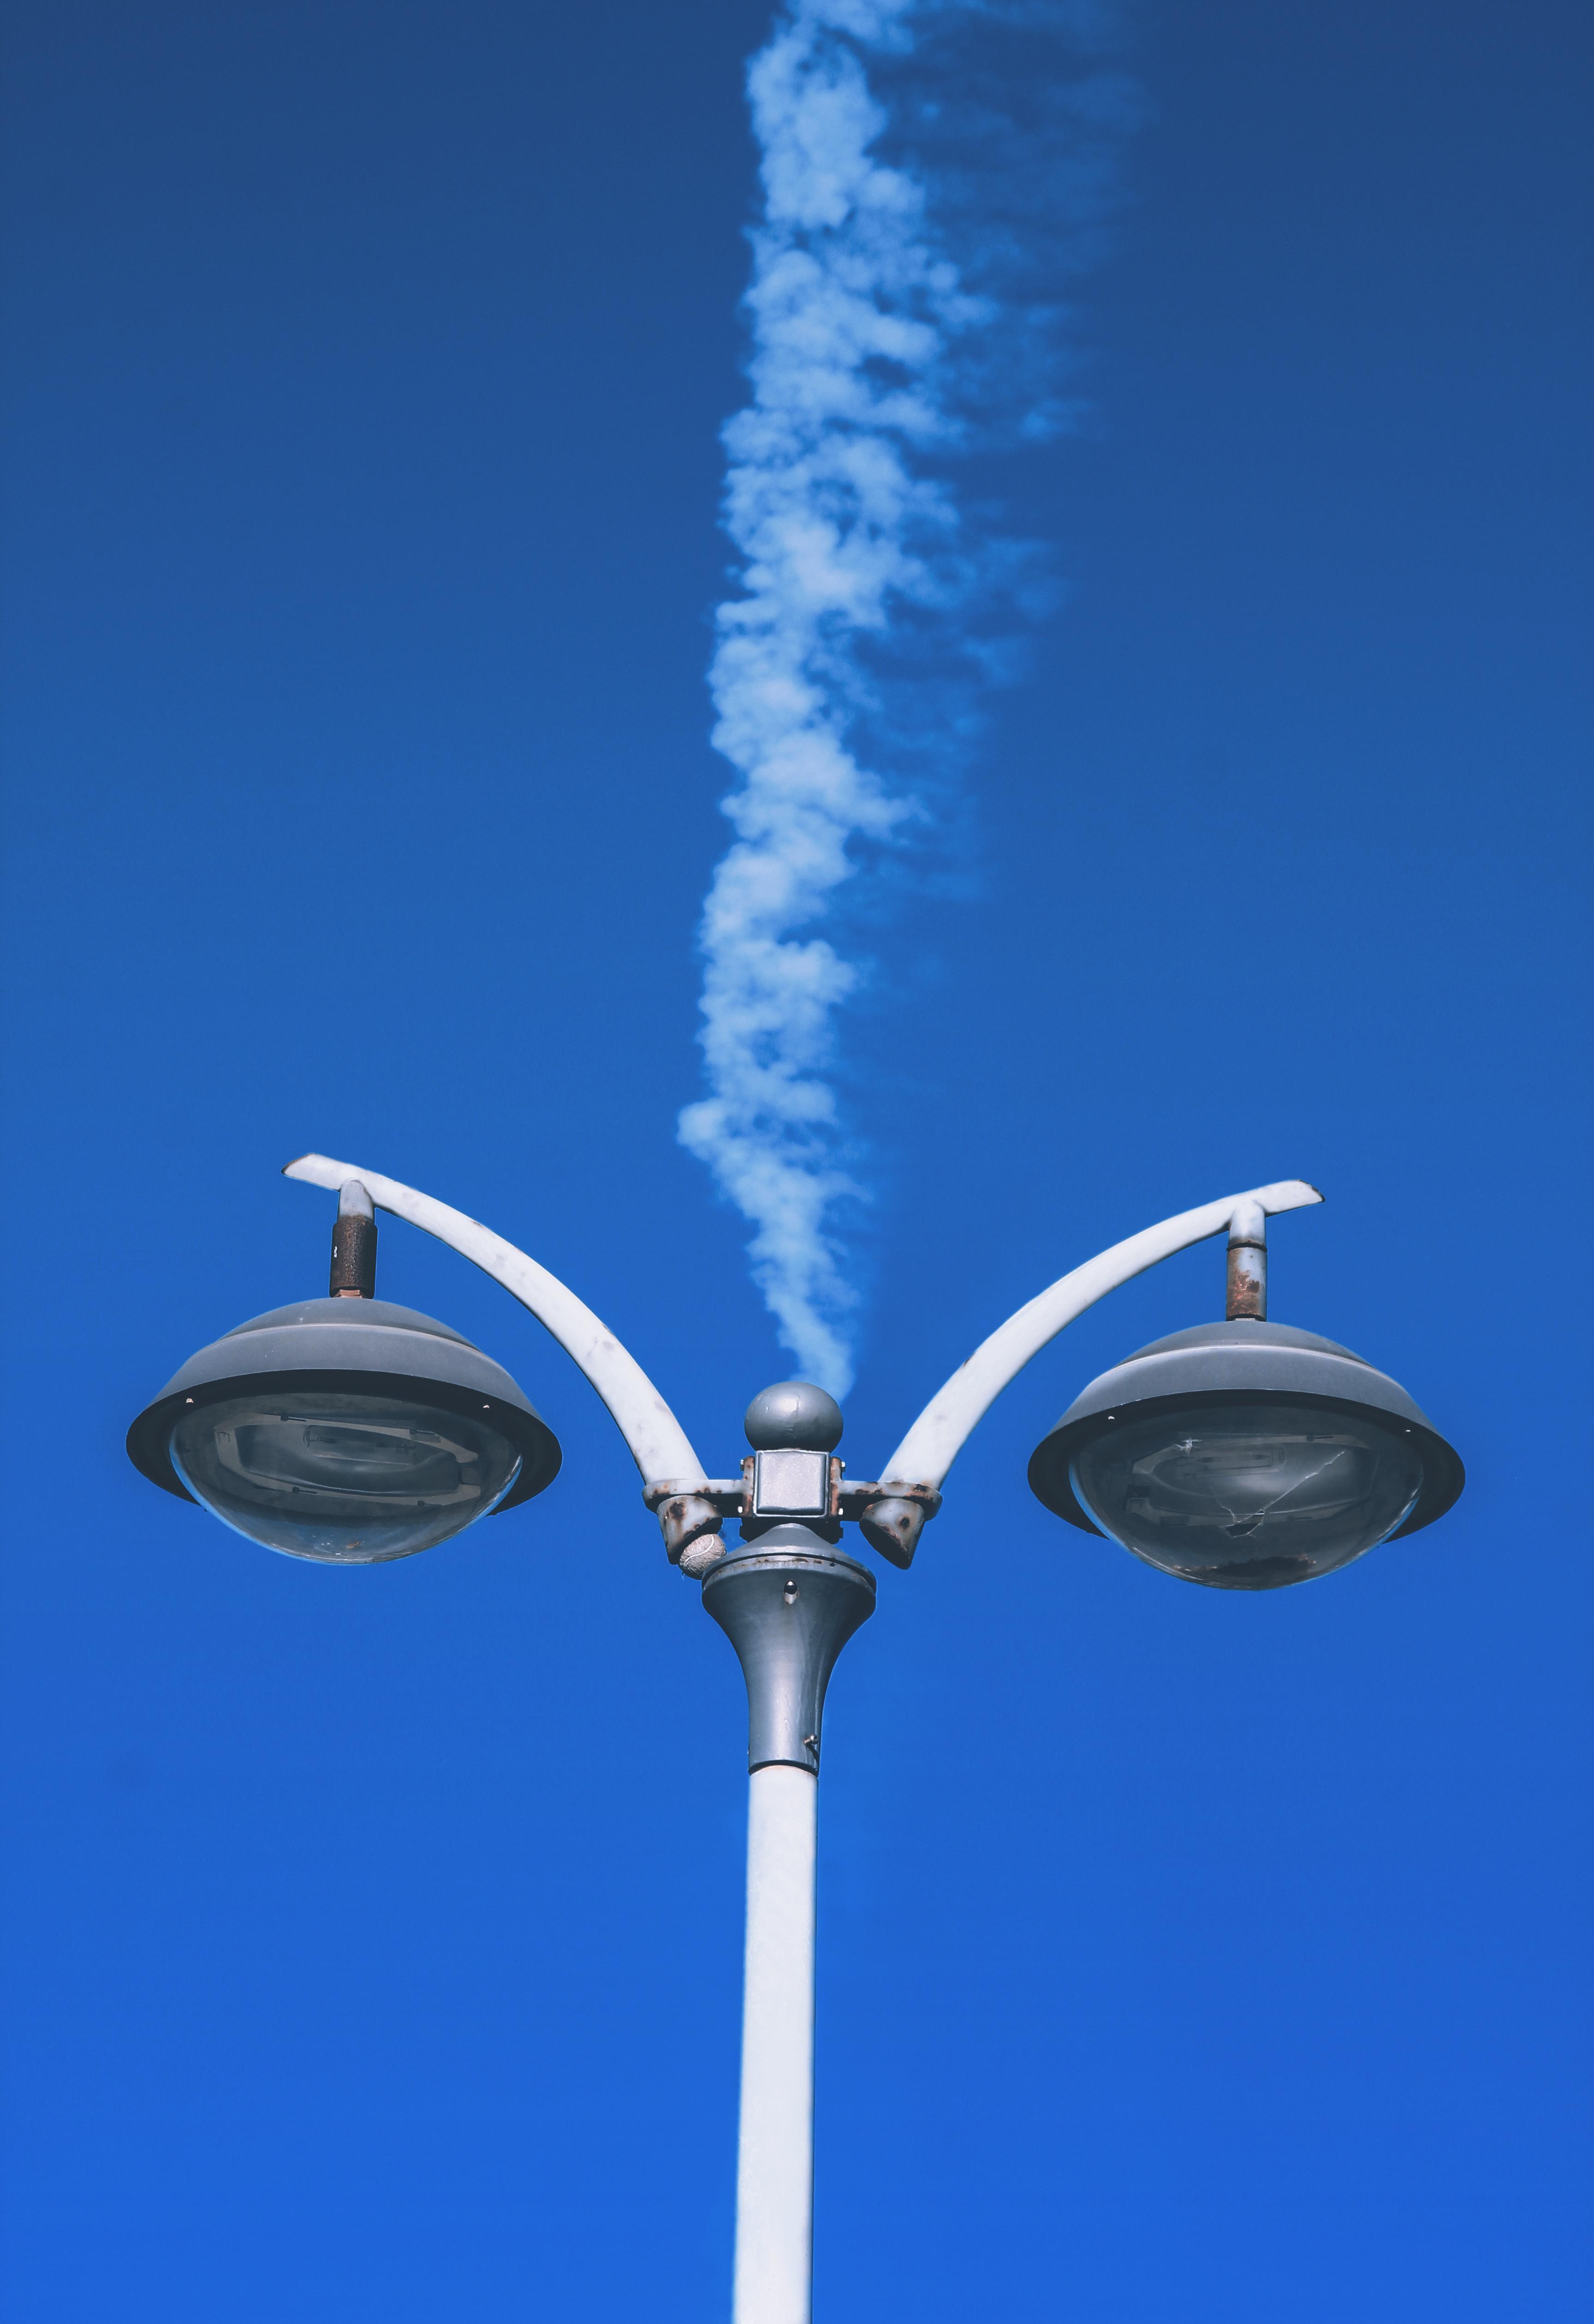 images gratuites lumi re ciel vent bleu olienne clairage public luminaire atmosph re. Black Bedroom Furniture Sets. Home Design Ideas